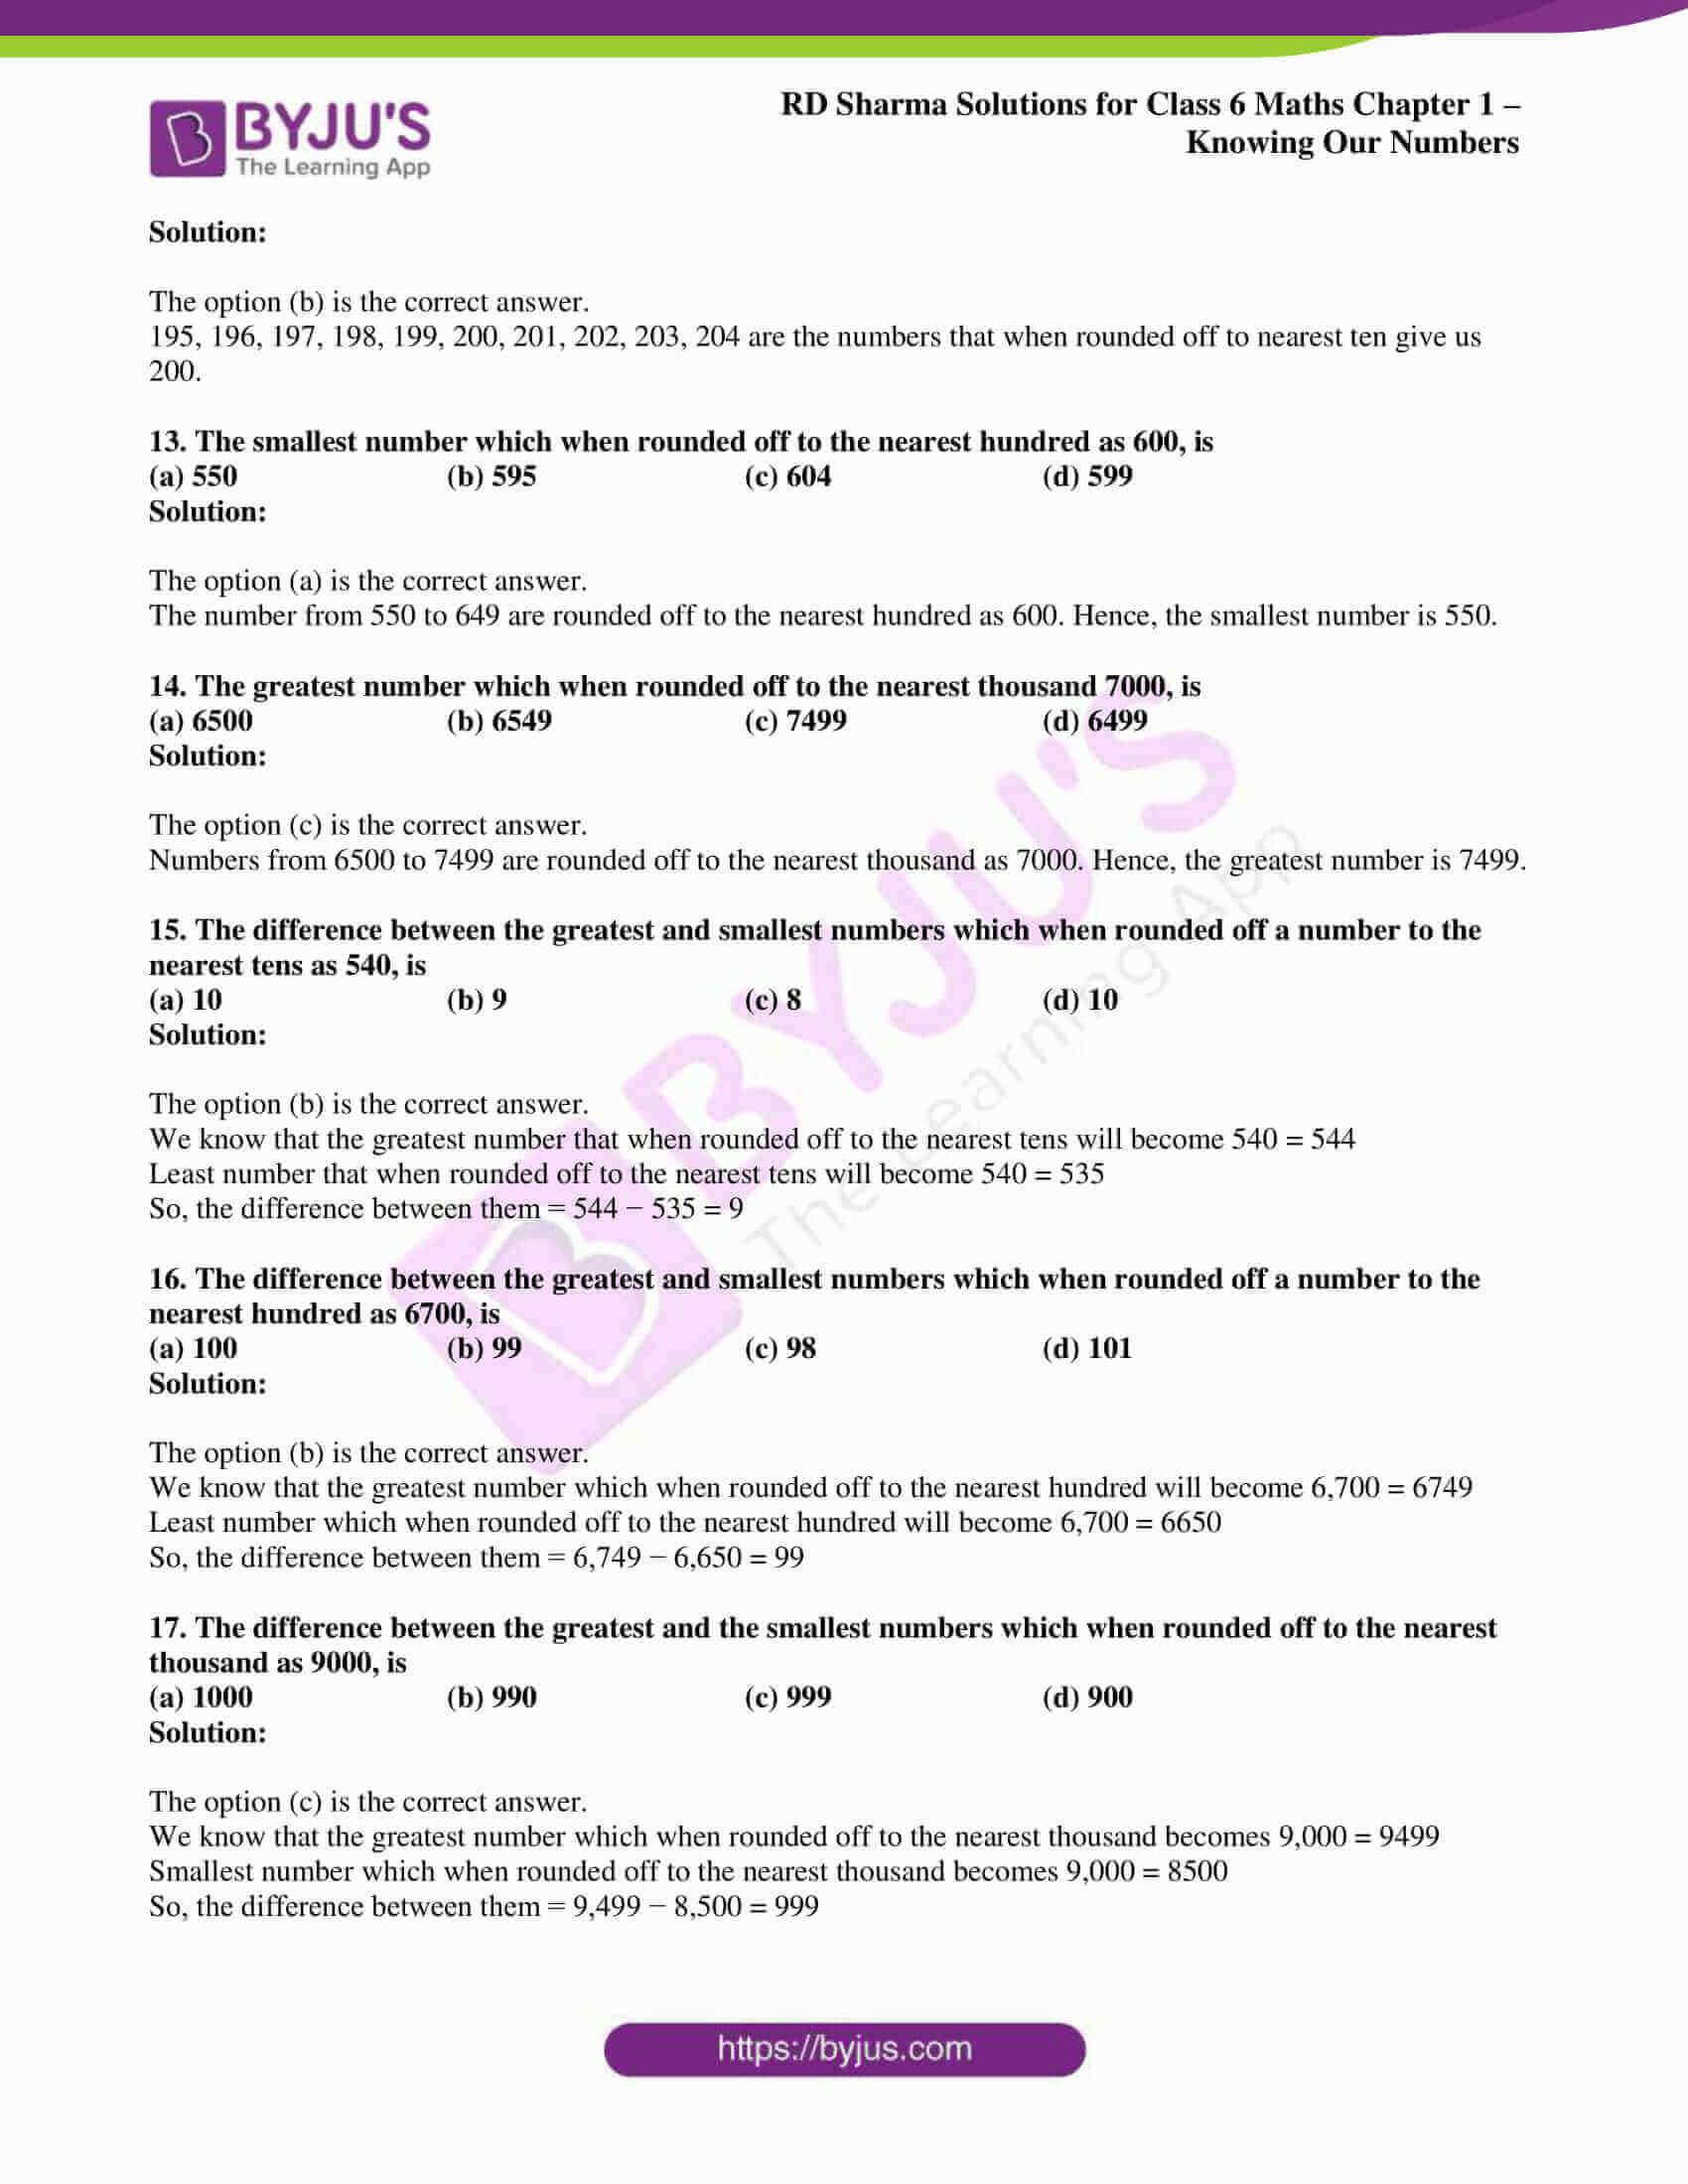 rd sharma class 6 maths solutions chapter 1 obj 3